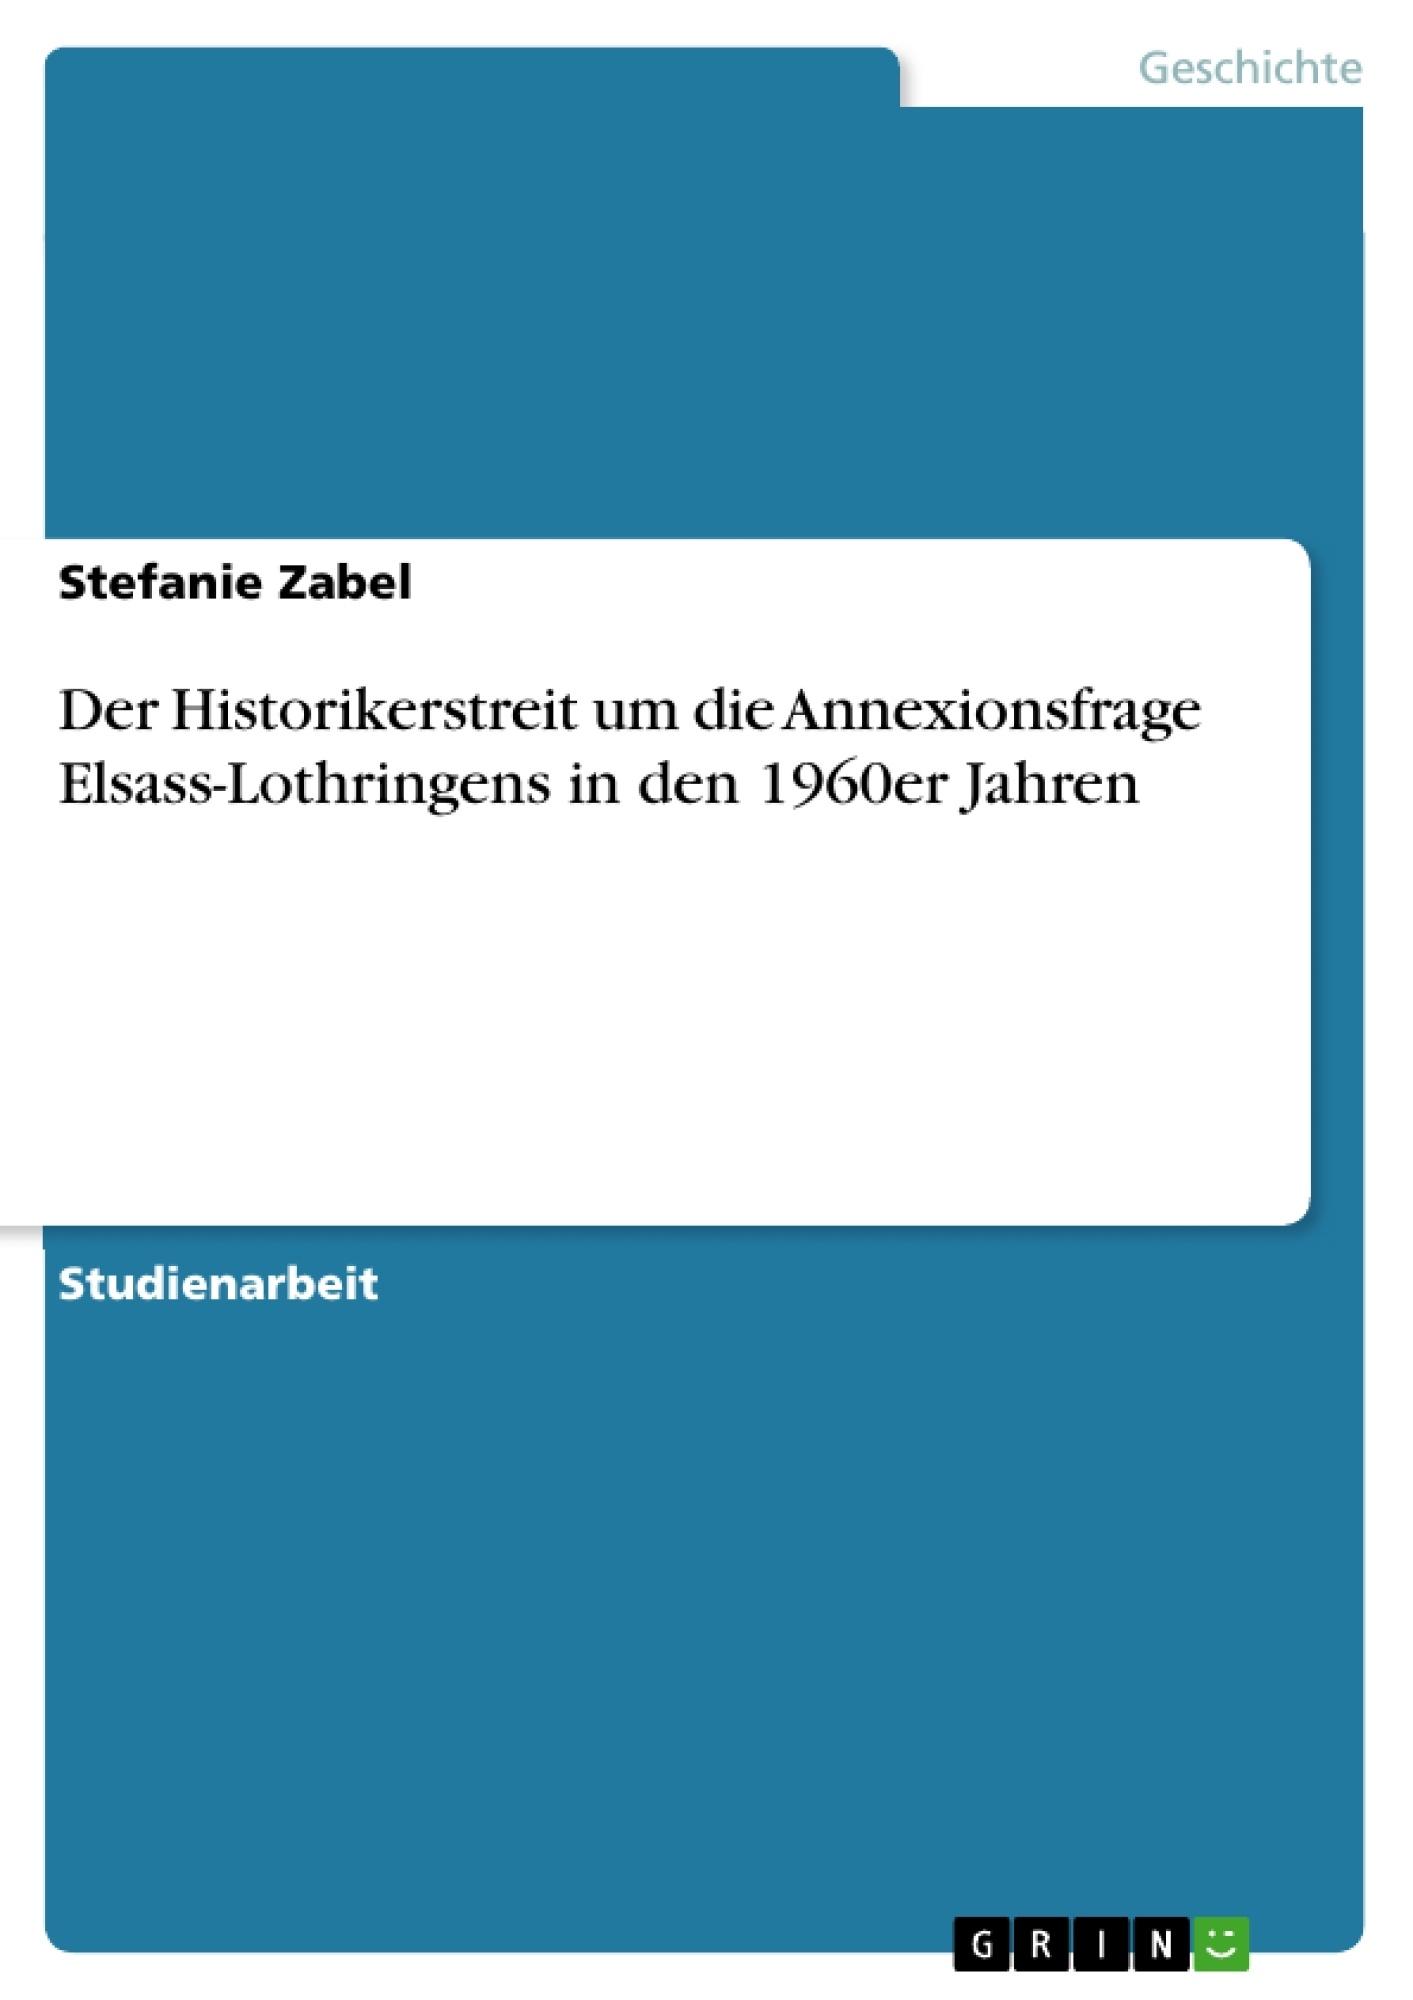 Titel: Der Historikerstreit um die Annexionsfrage Elsass-Lothringens in den 1960er Jahren